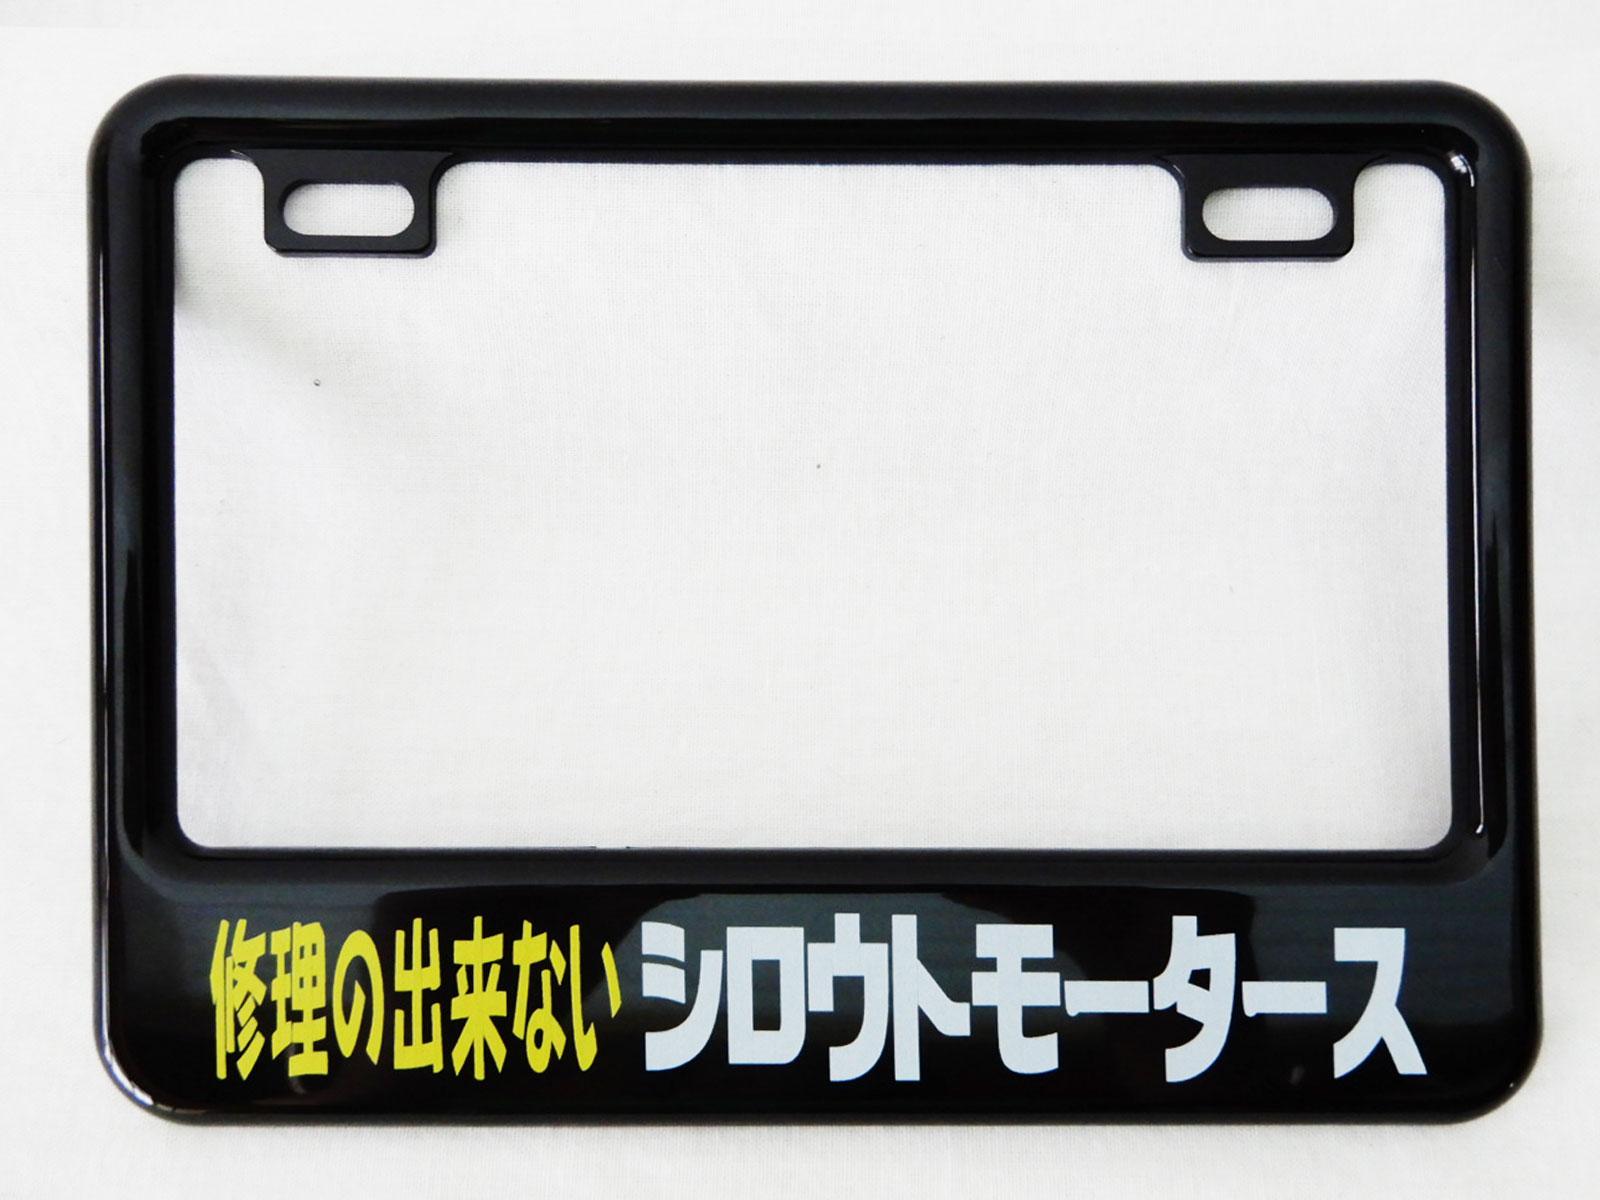 MotorCycle 4610MOTORS License Frame S 50-125cc 修理の出来ないシロウトモータース☆ブラック モーターサイクル ライセンスフレーム スリム 小型 50-125cc用ナンバープレートサイズ シロウトモータース